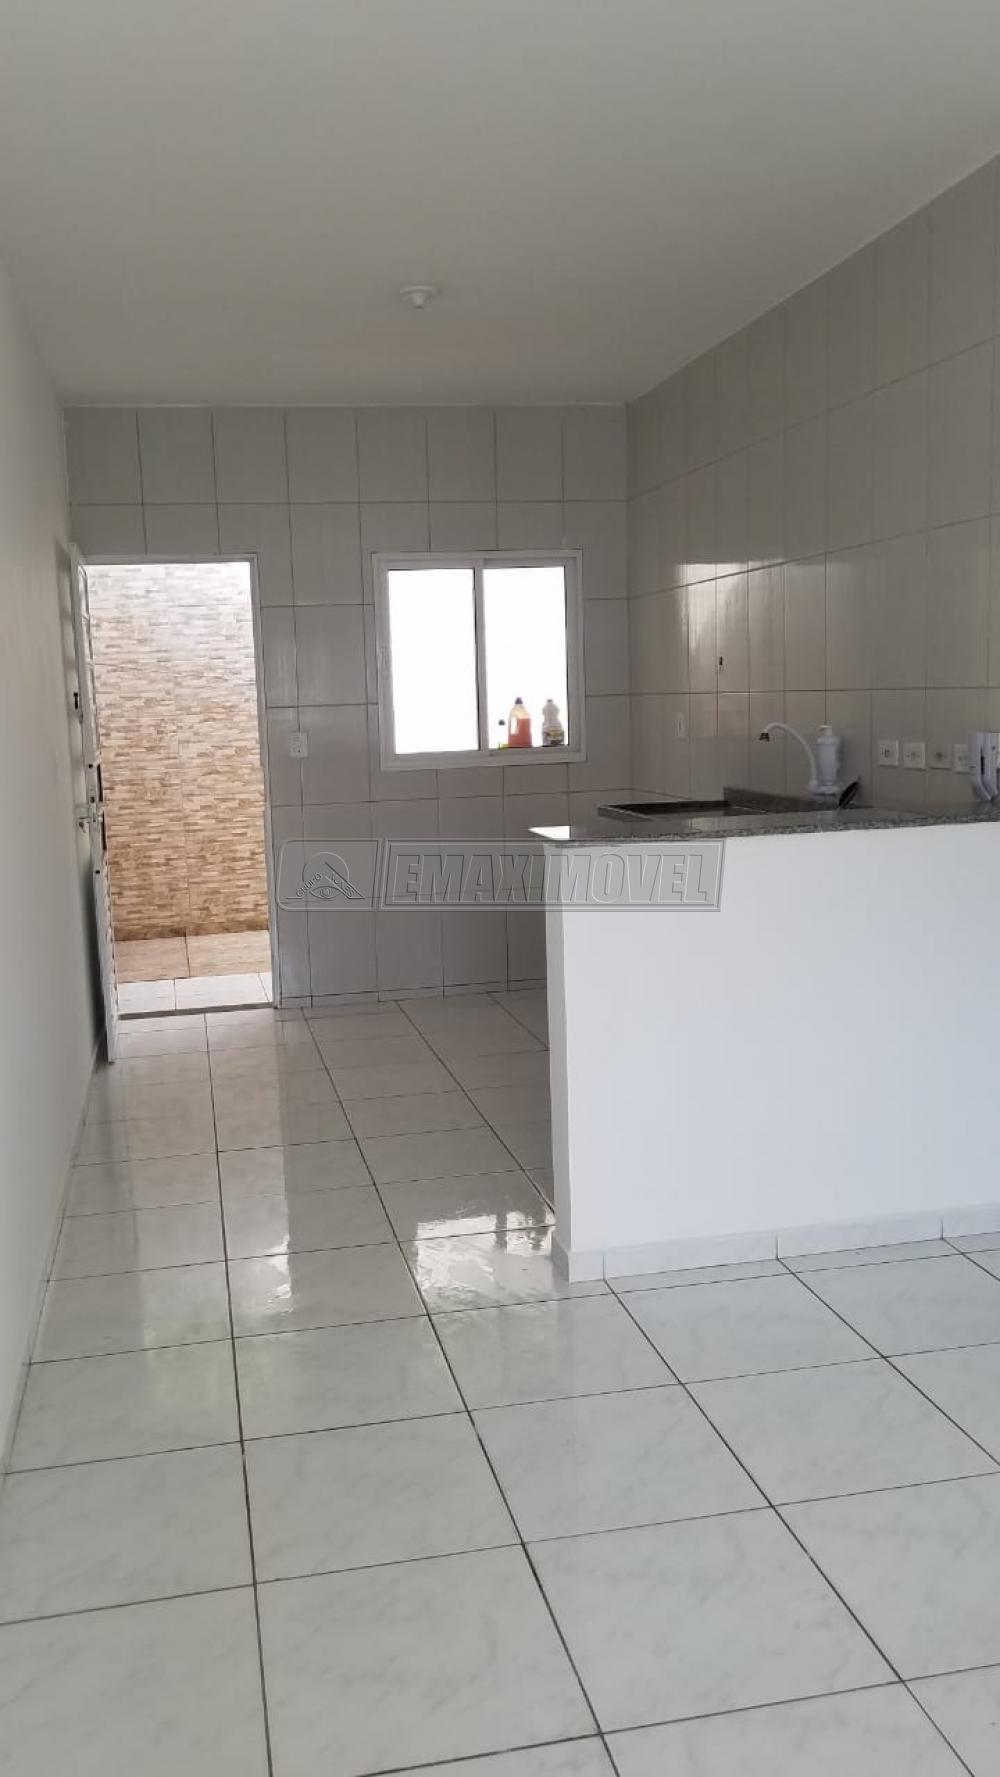 Alugar Casas / em Condomínios em Sorocaba apenas R$ 750,00 - Foto 3